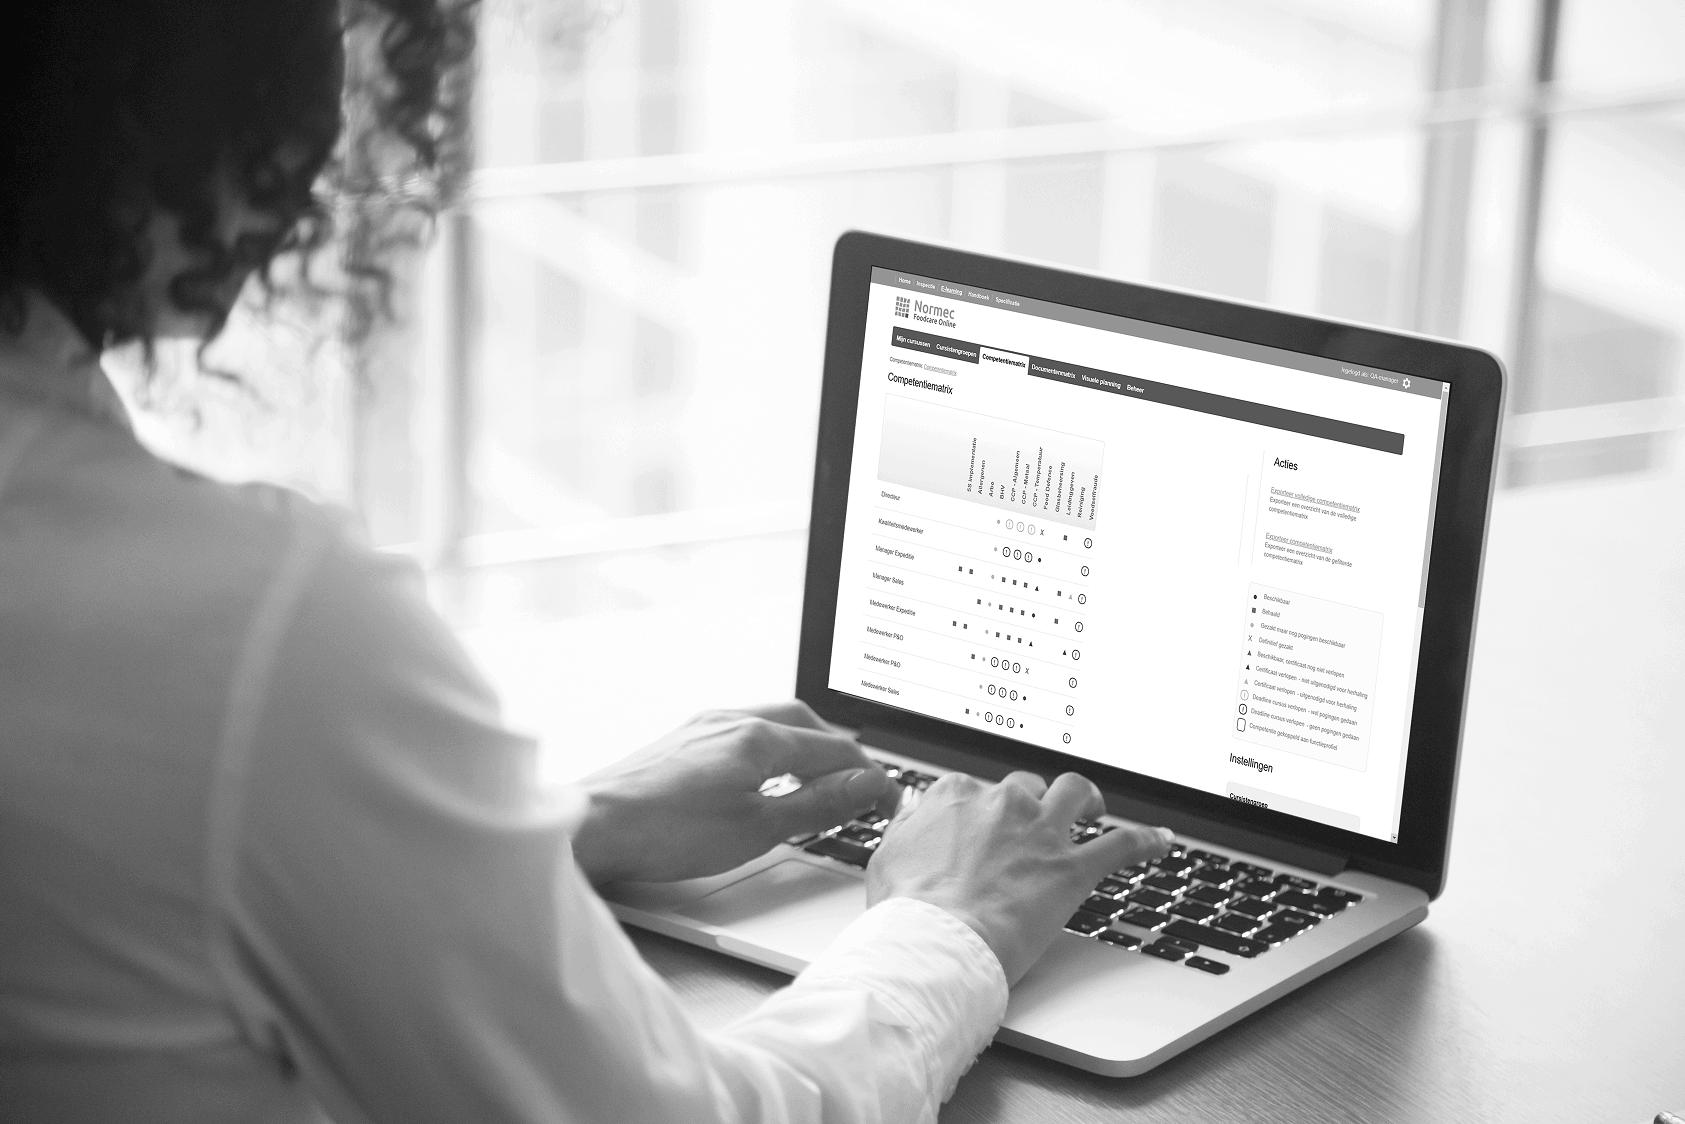 Competentiematrix screenprint in laptop